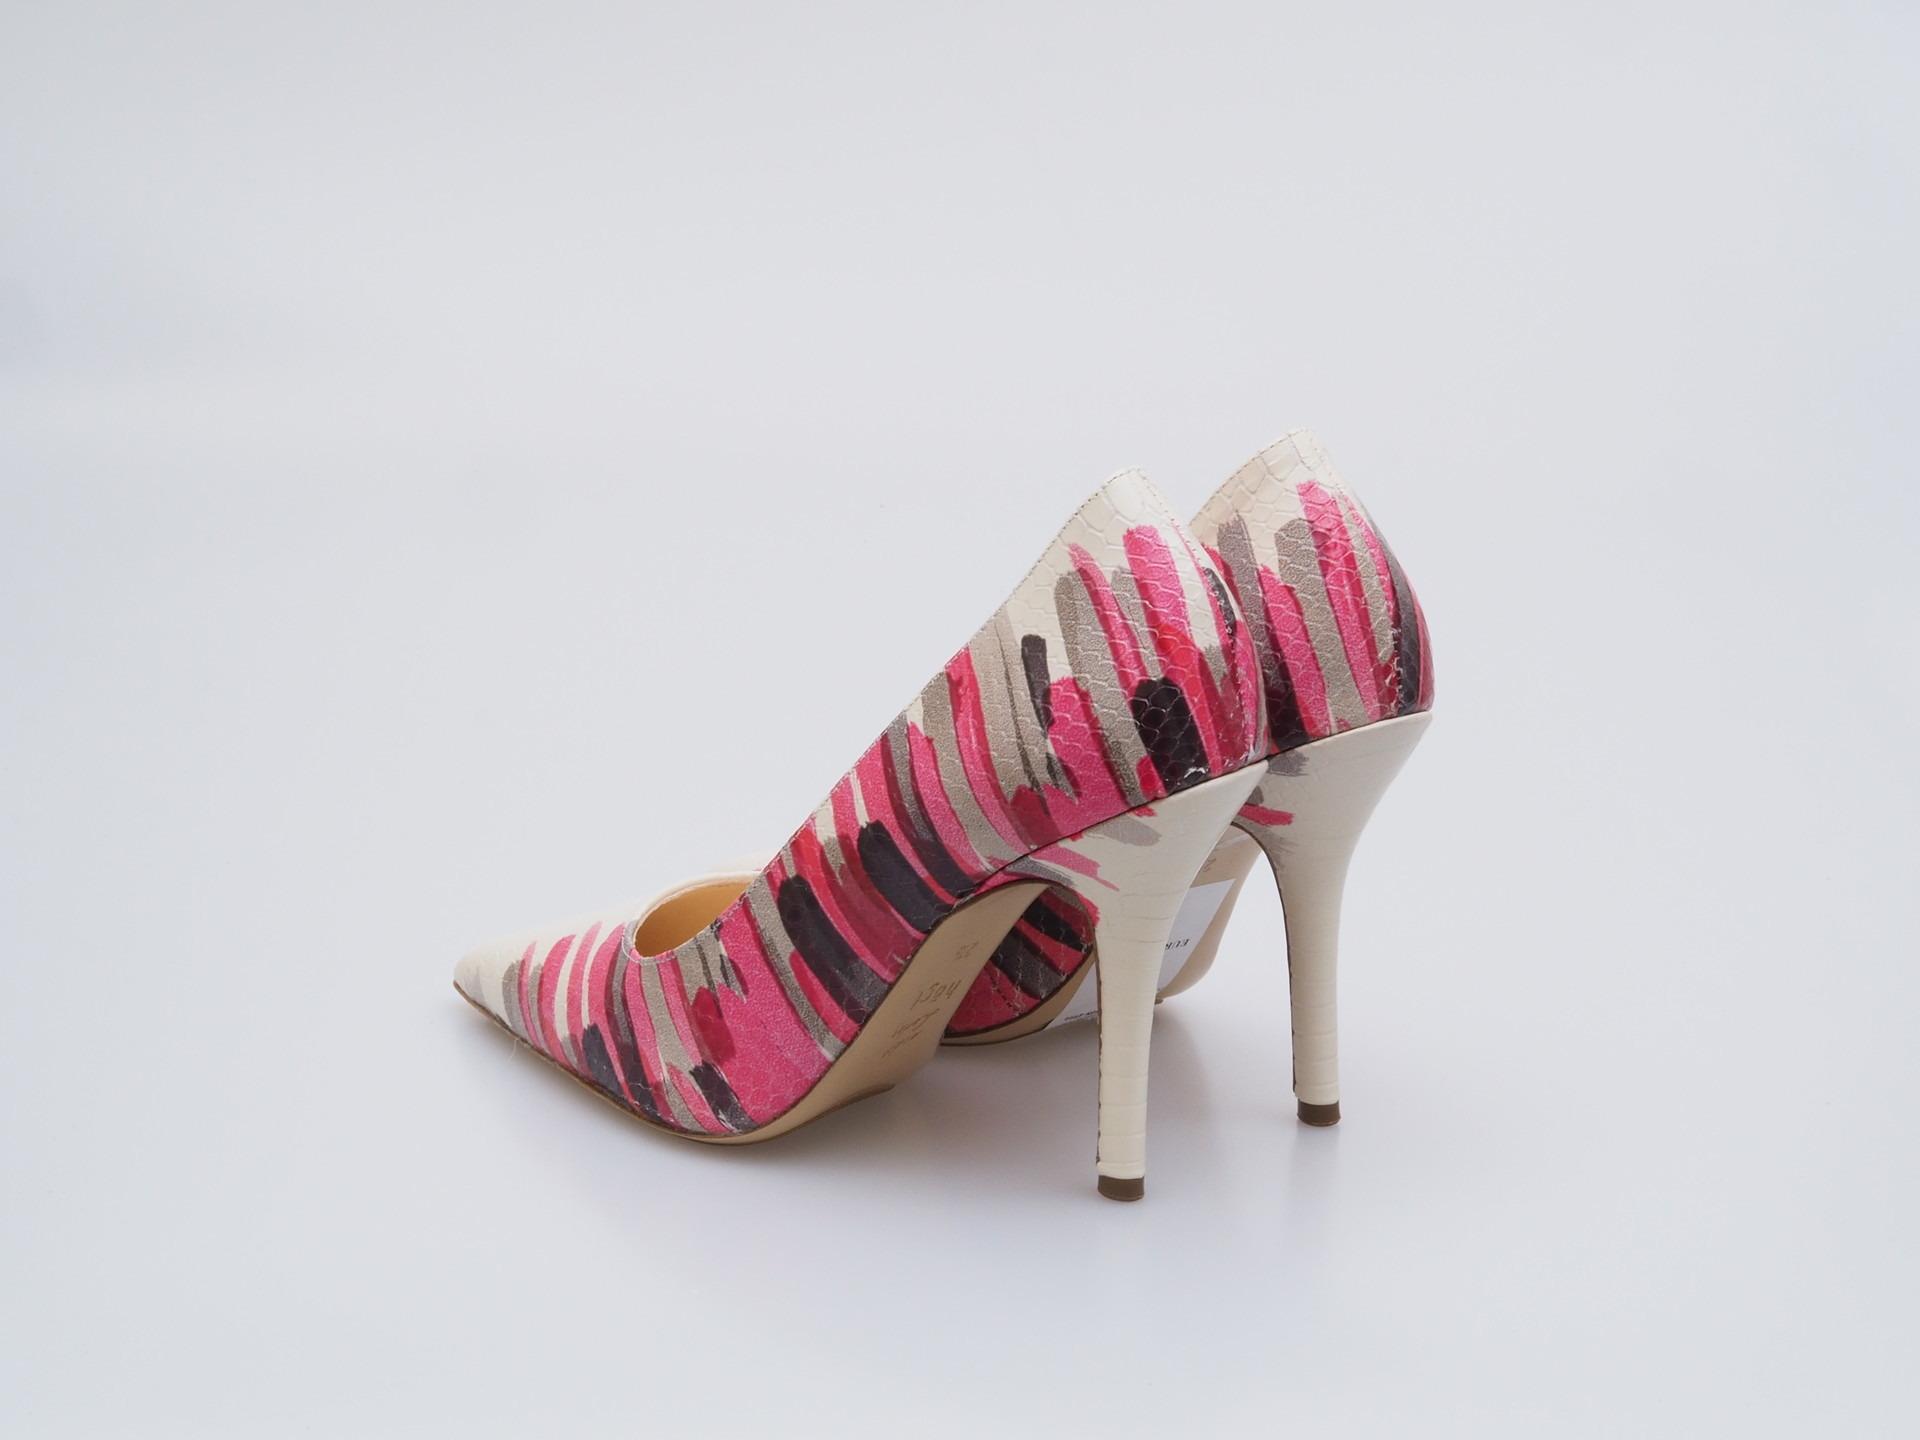 597b0b31954 Soňa - Dámska obuv - Lodičky - Bielo-ružové lodičky Högl